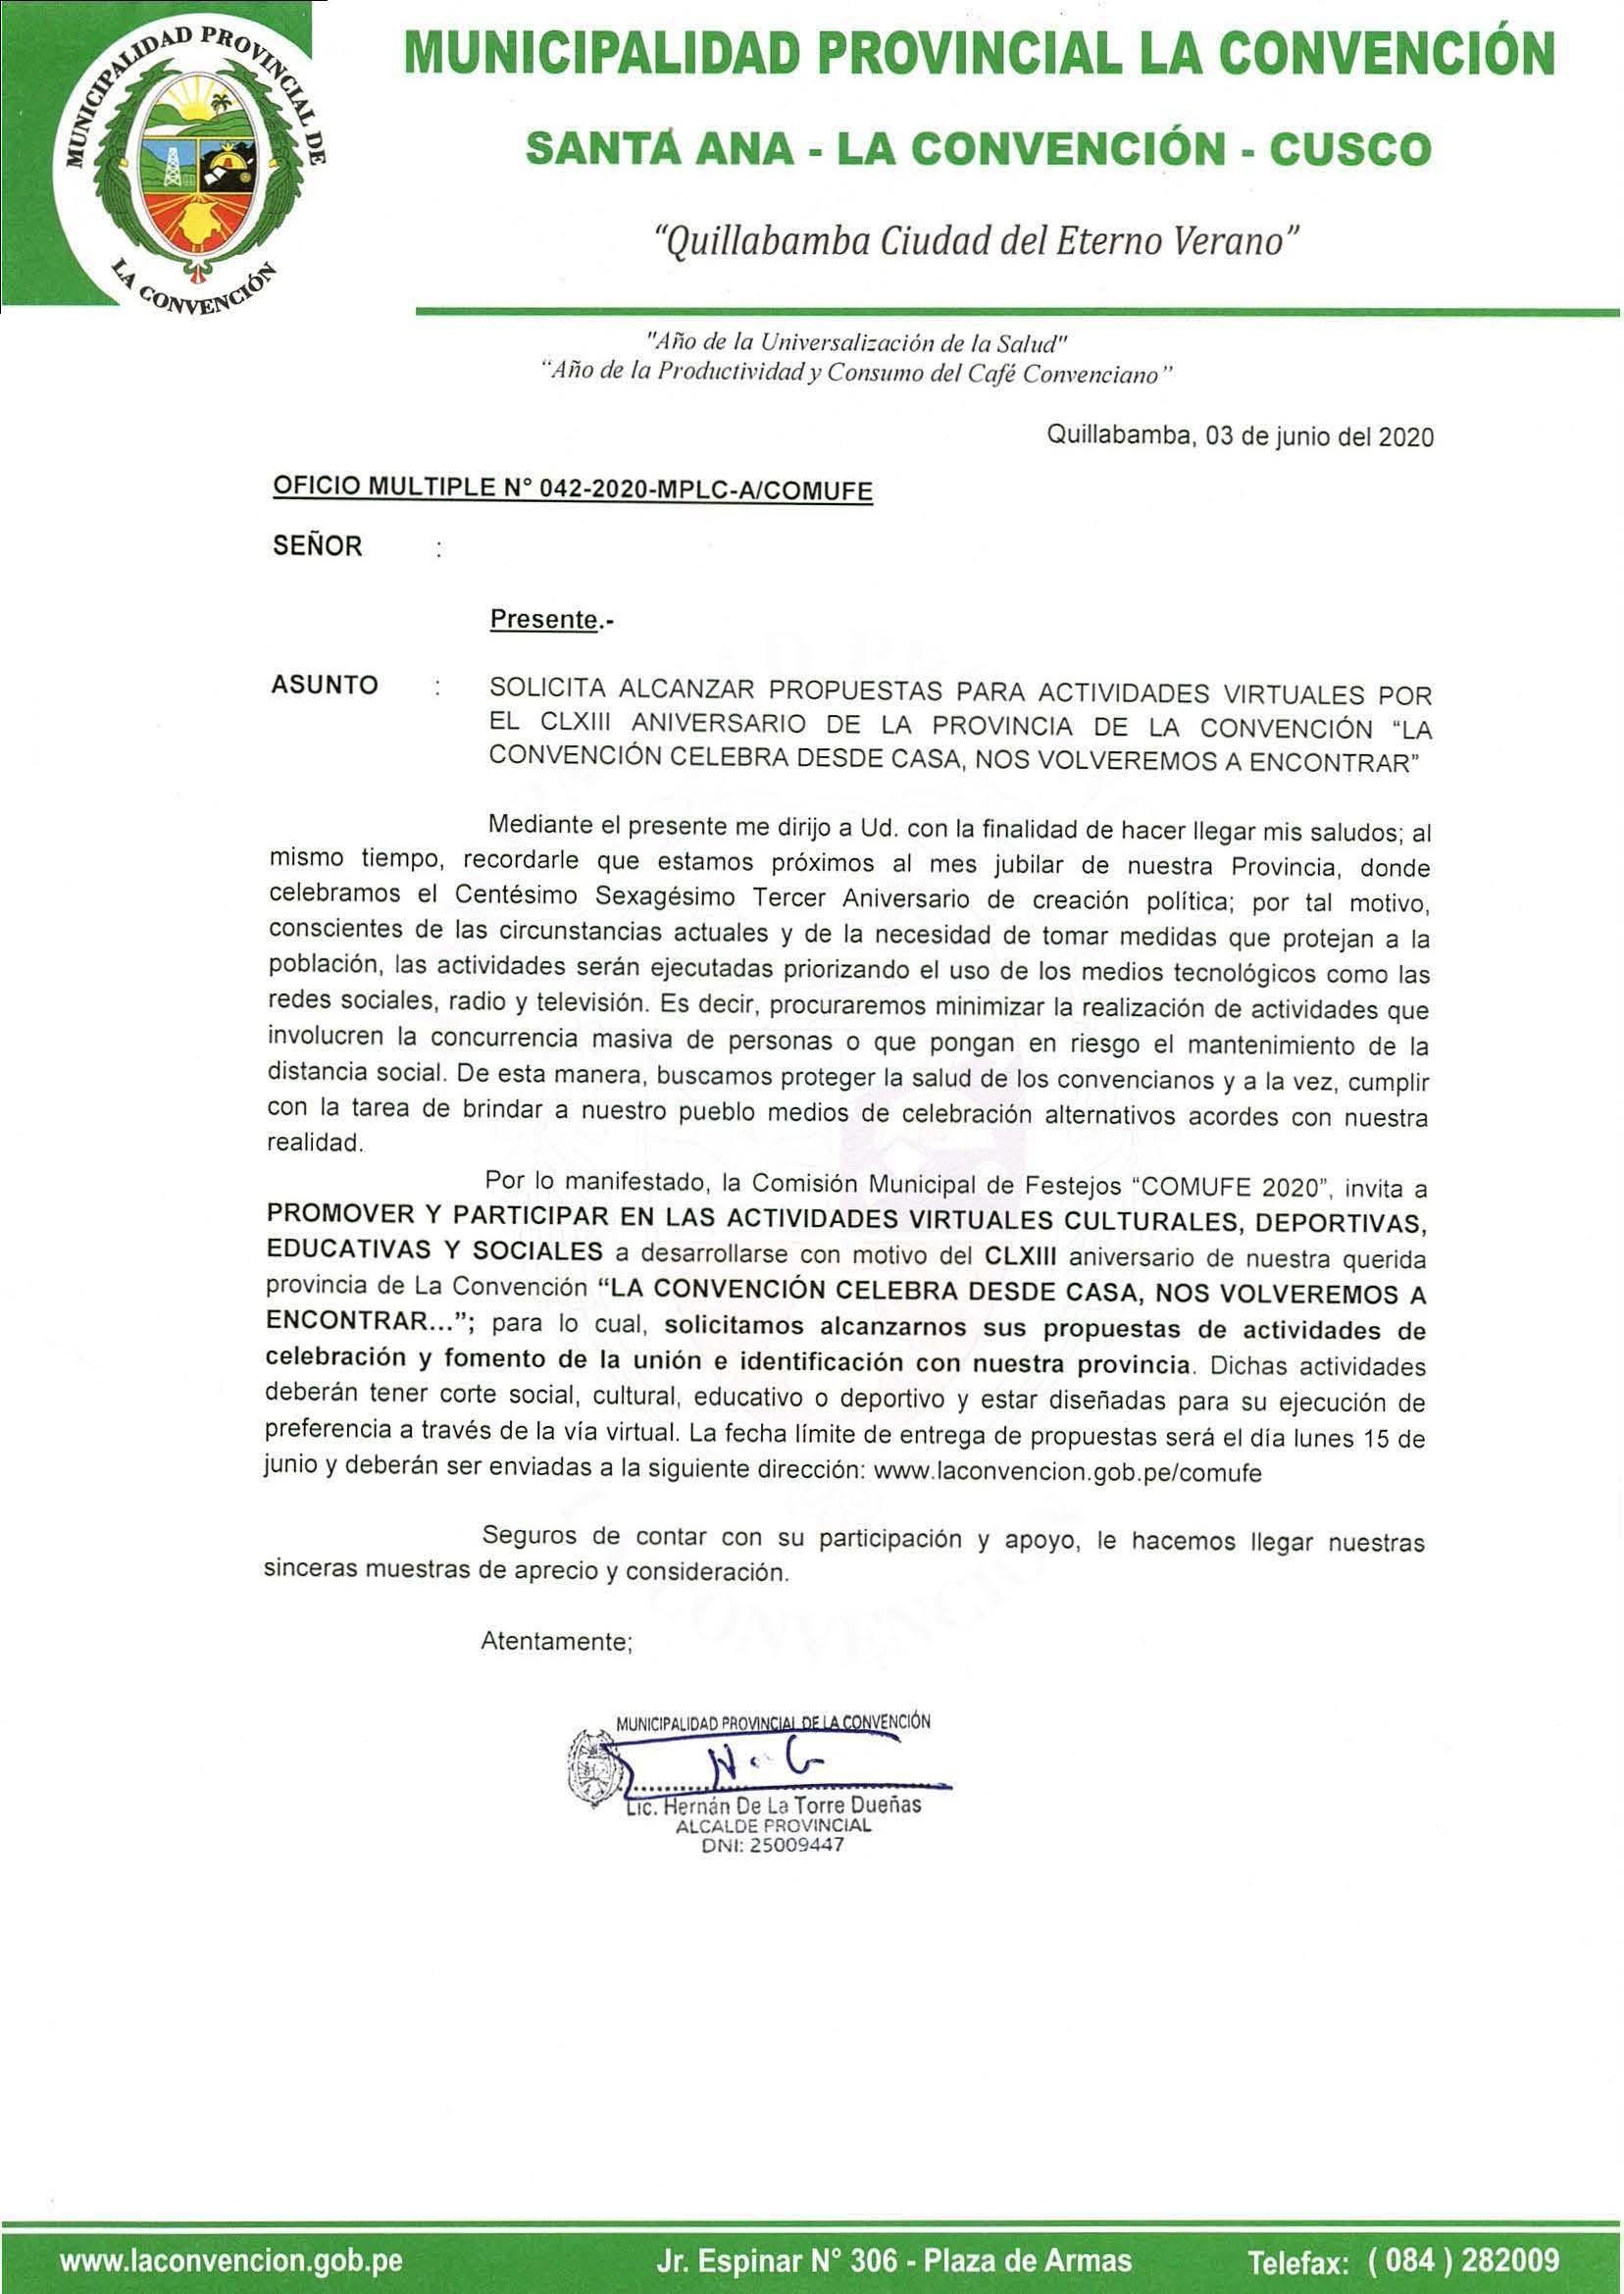 Solicita alcanzar propuestas para actividades virtuales por el CLXlll aniversario de la provincia de La Convención